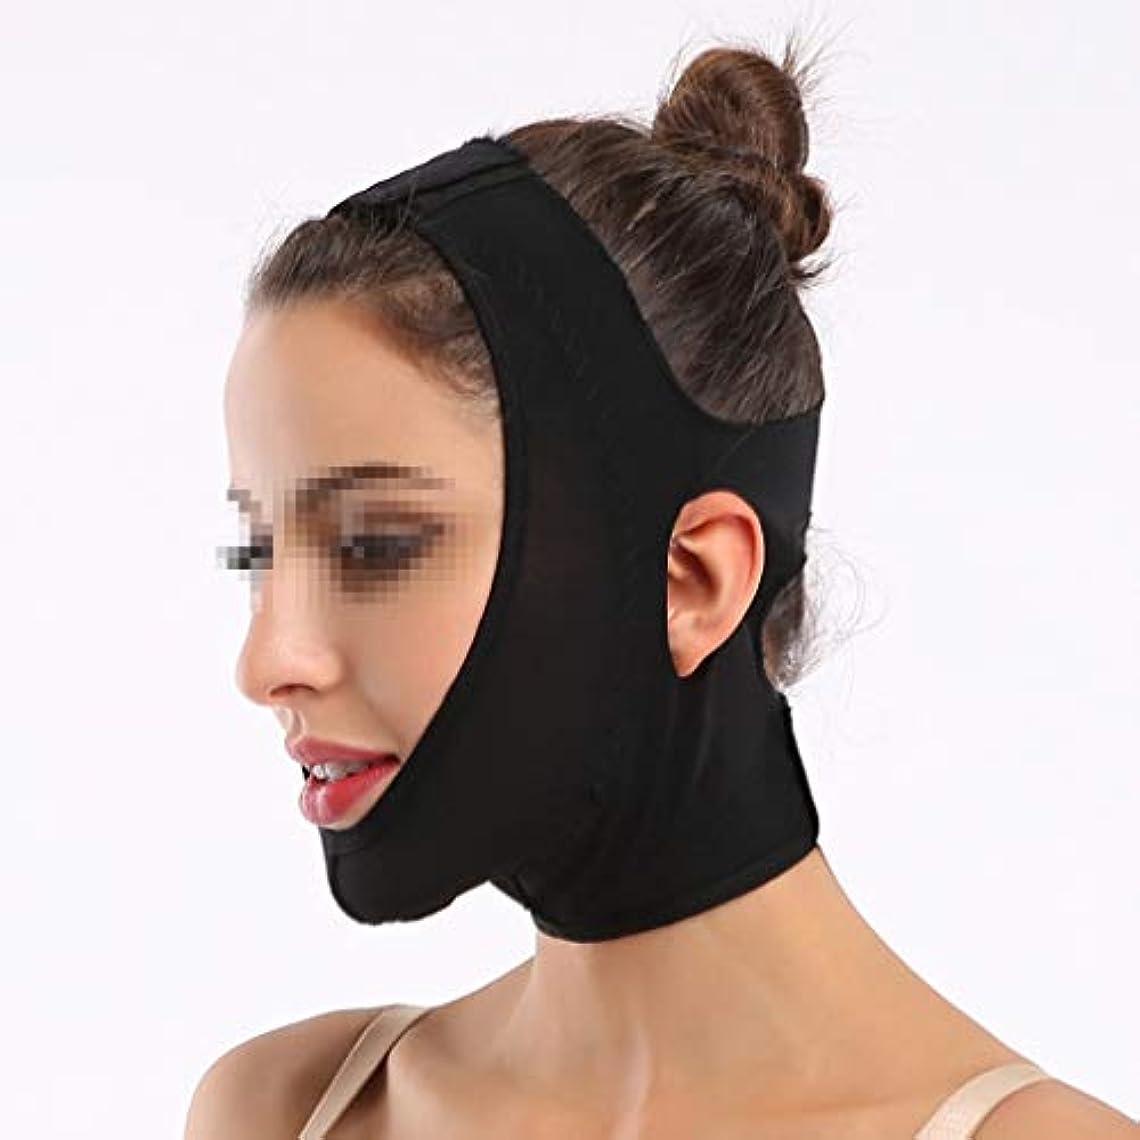 カラス冒険者経験Vフェイスマスク、包帯マスクを持ち上げて引き締めるスキニービューティーサロン1日2時間Vフェイスマッサージ術後回復